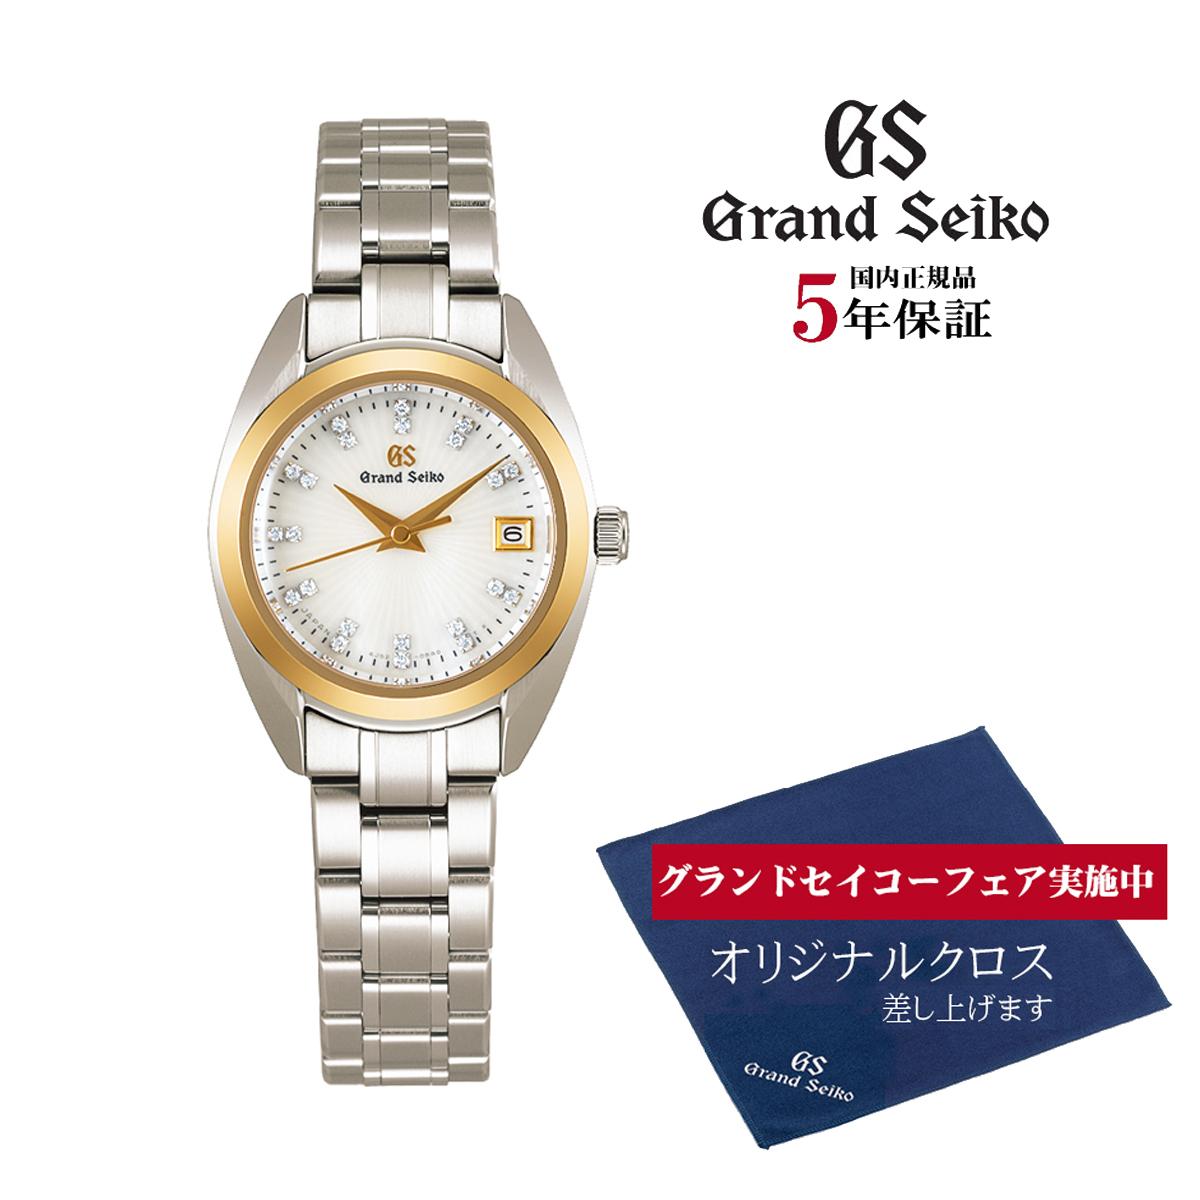 グランドセイコー Grand Seiko 正規メーカー保証3年 STGF334 クォーツモデル 正規品 腕時計